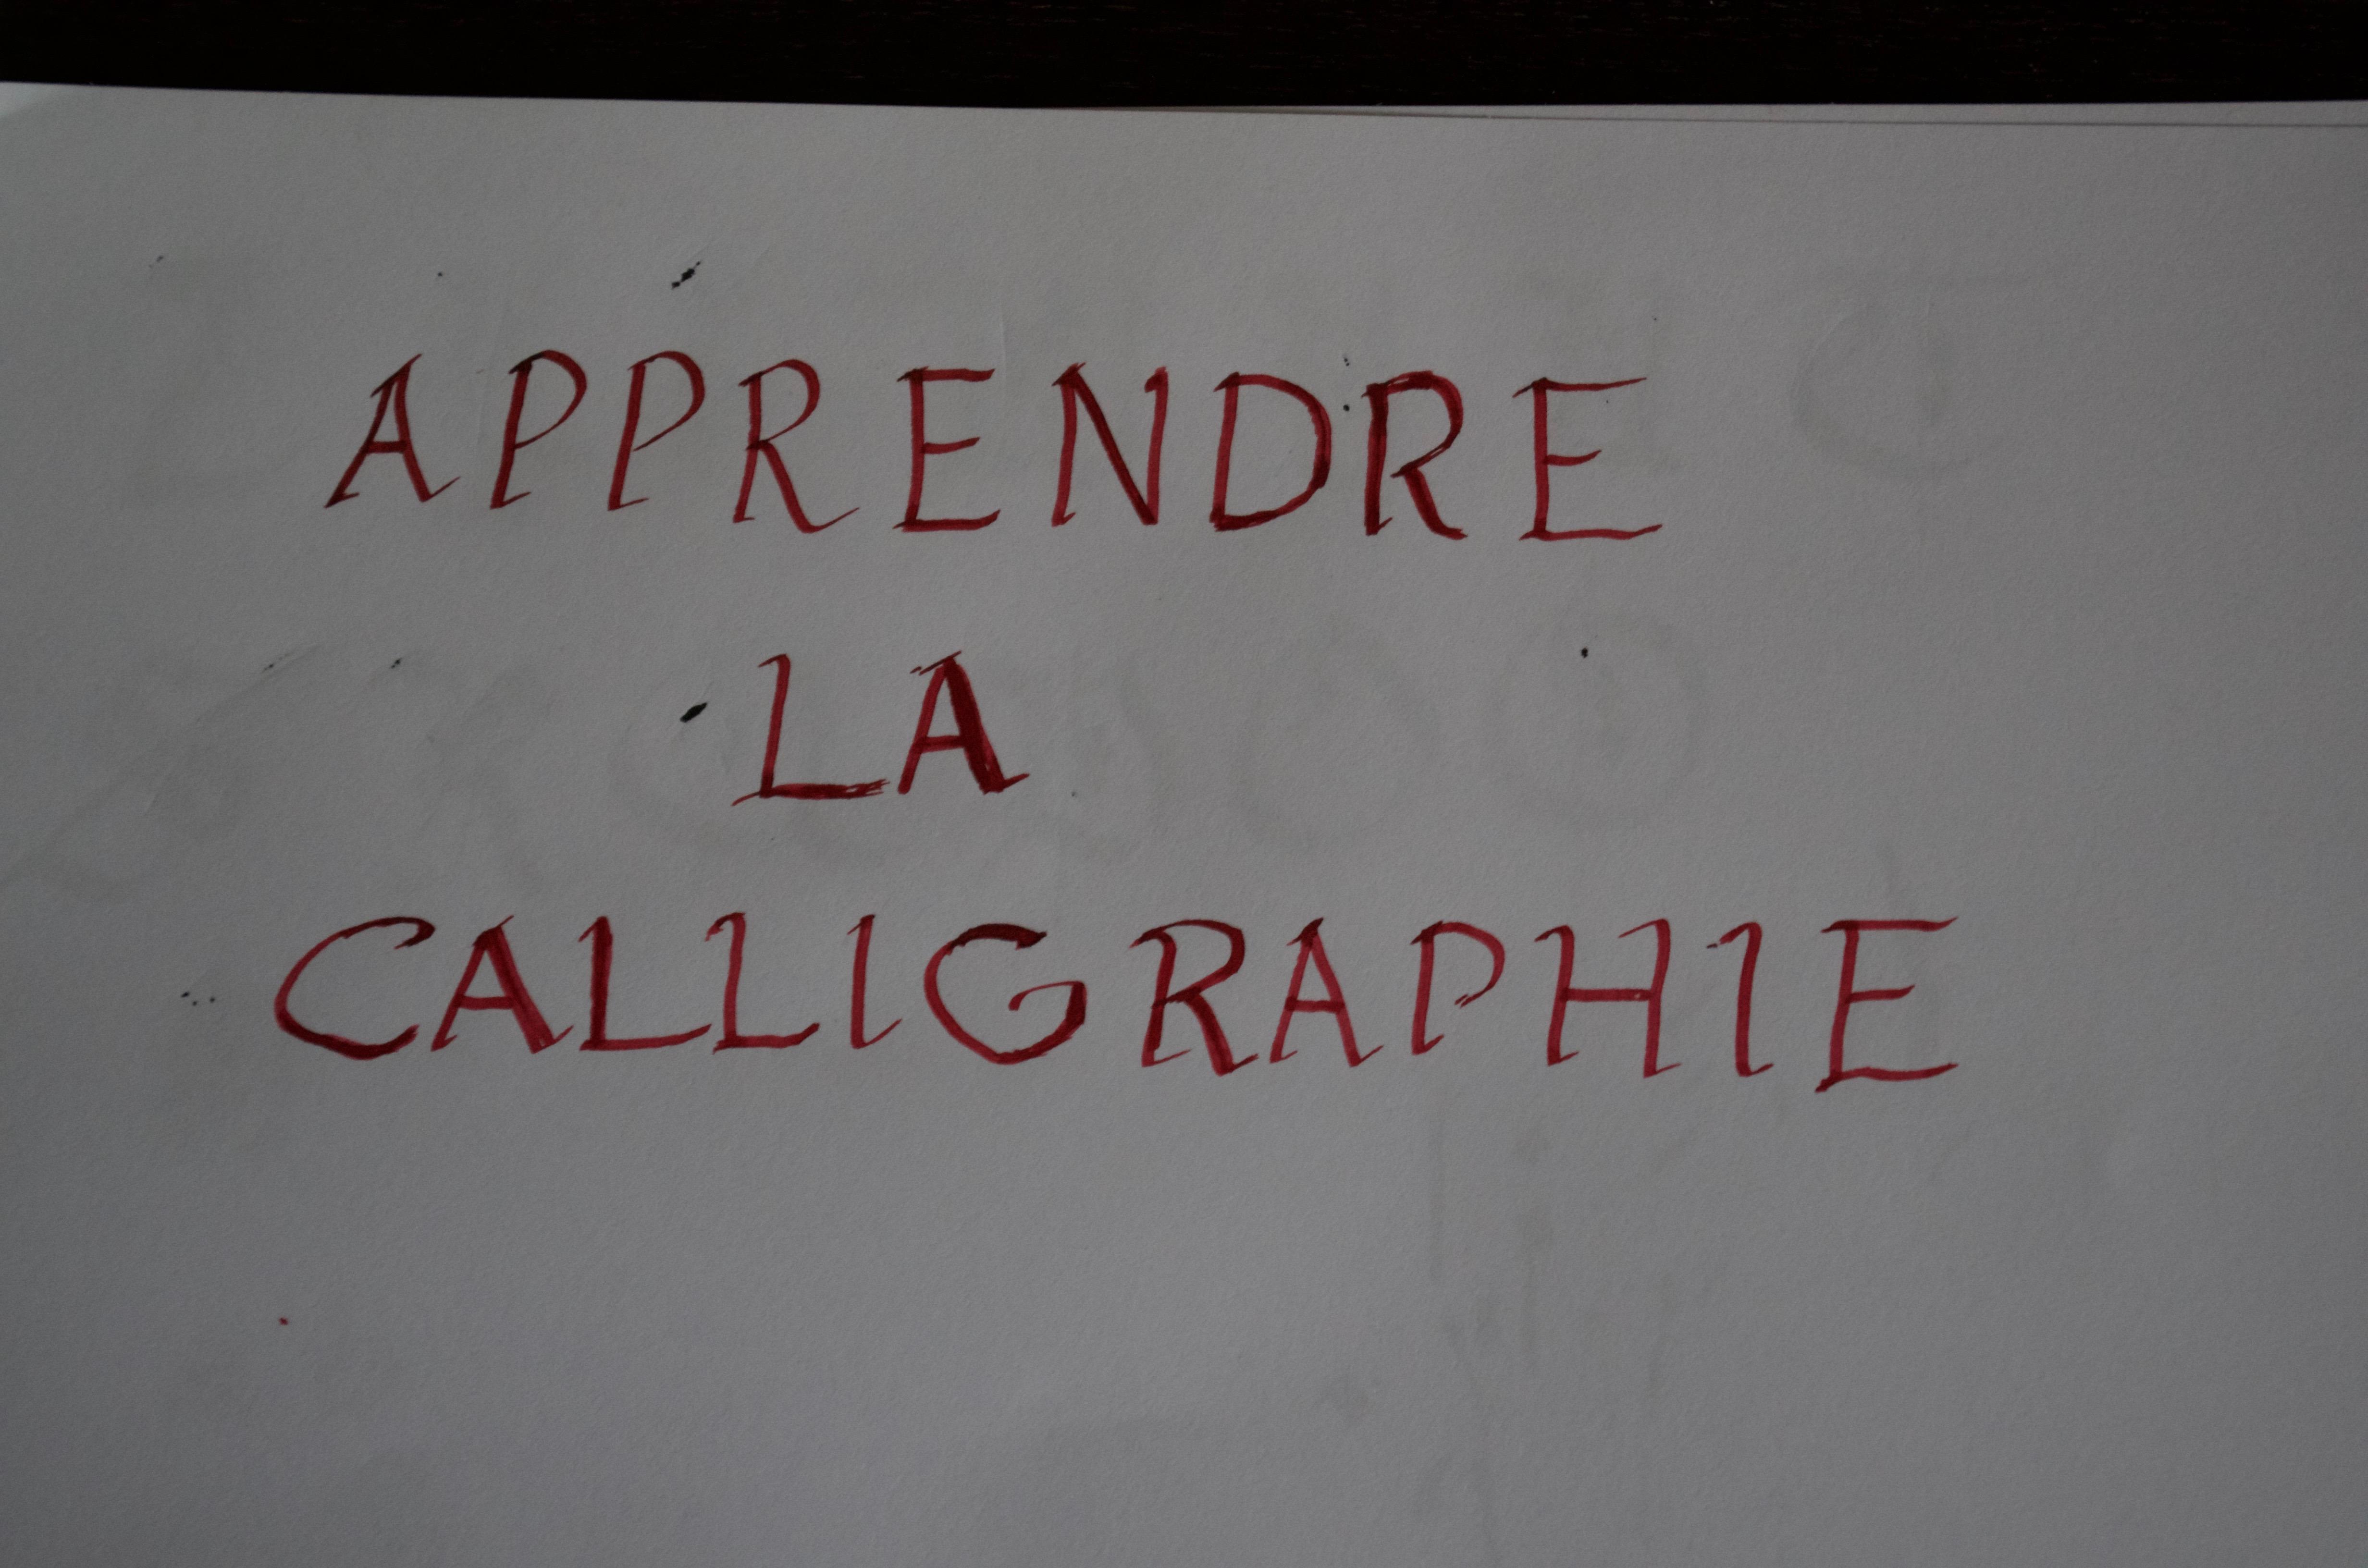 apprendre écriture calligraphie